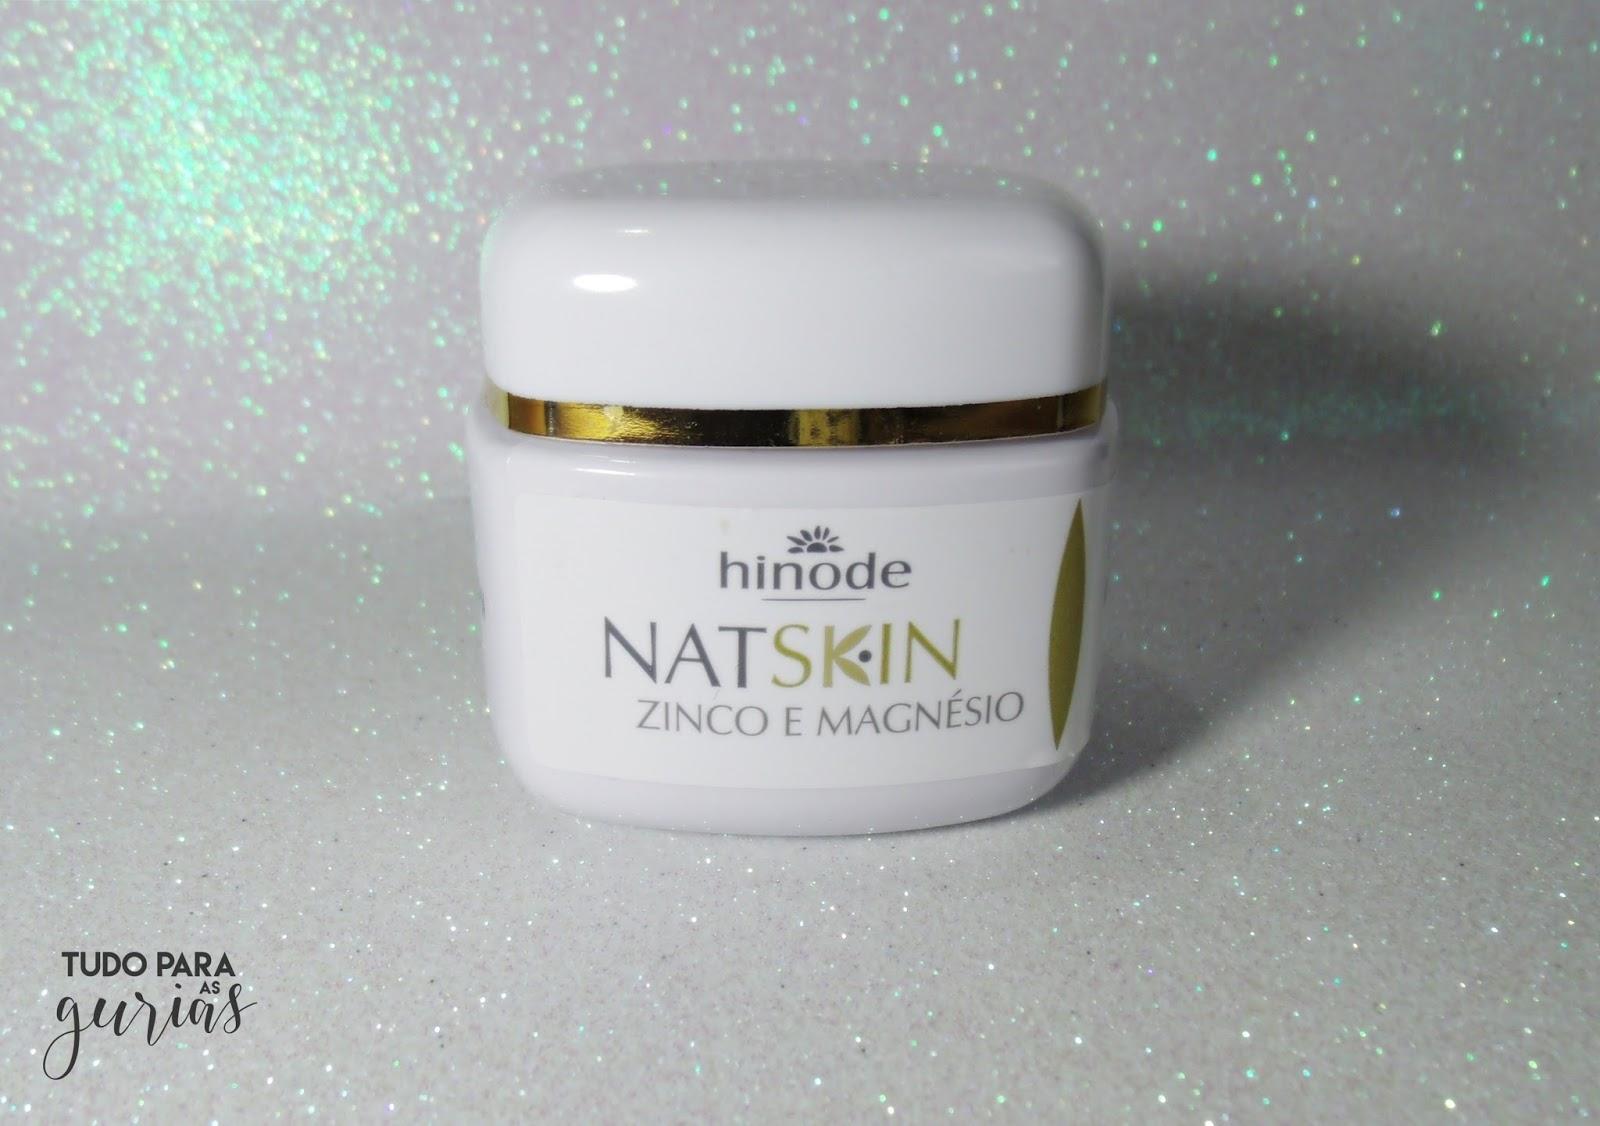 Testei e gostei:Creme facial Revitalizante NAT SKIN da Hinode.